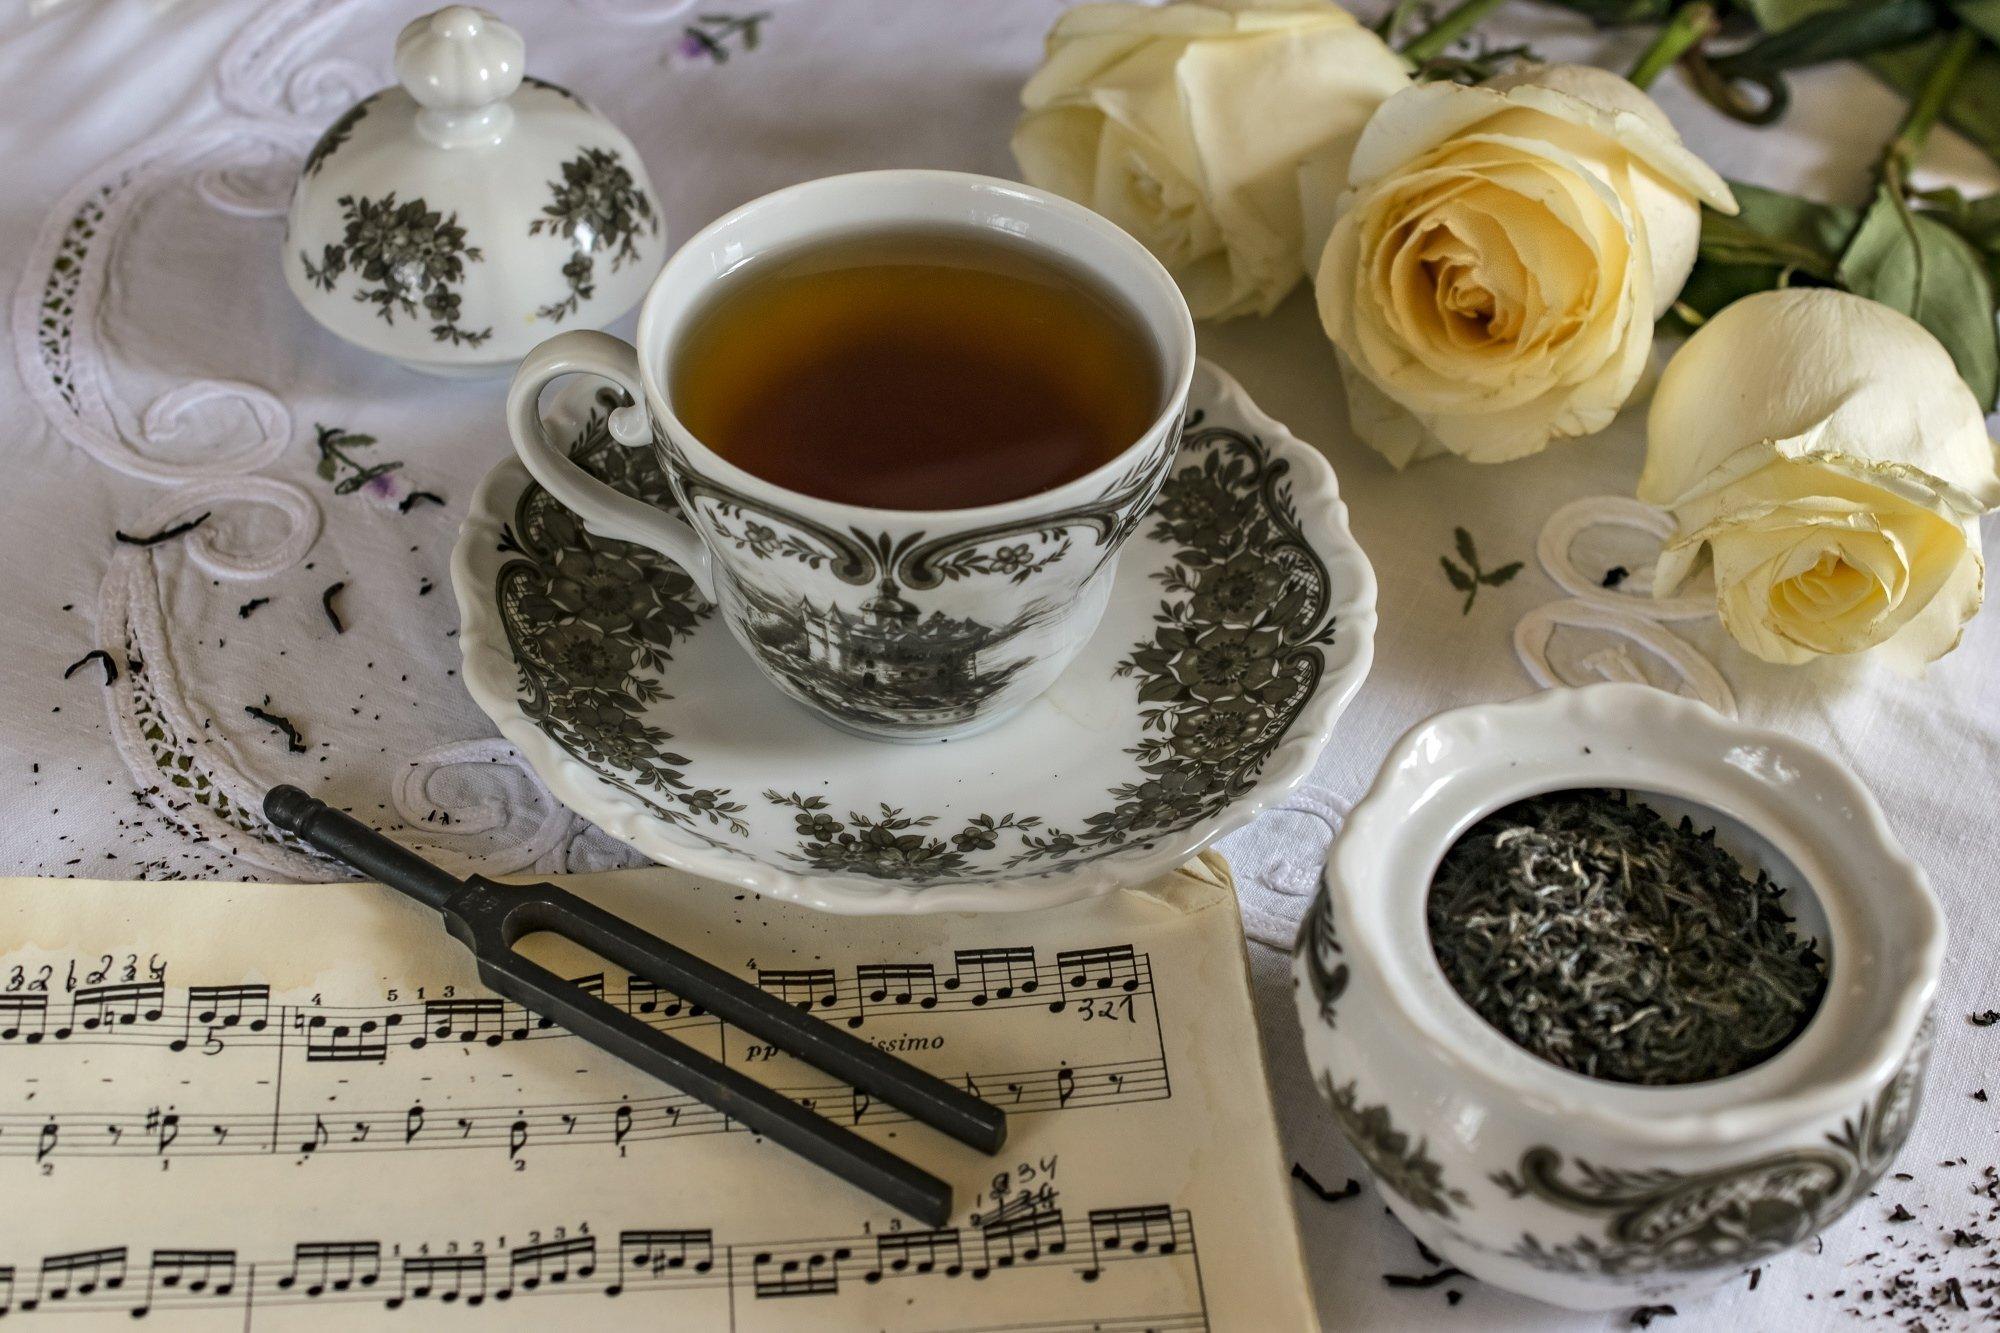 чай, чашка, цветы, розы ноты, Грицик Инна